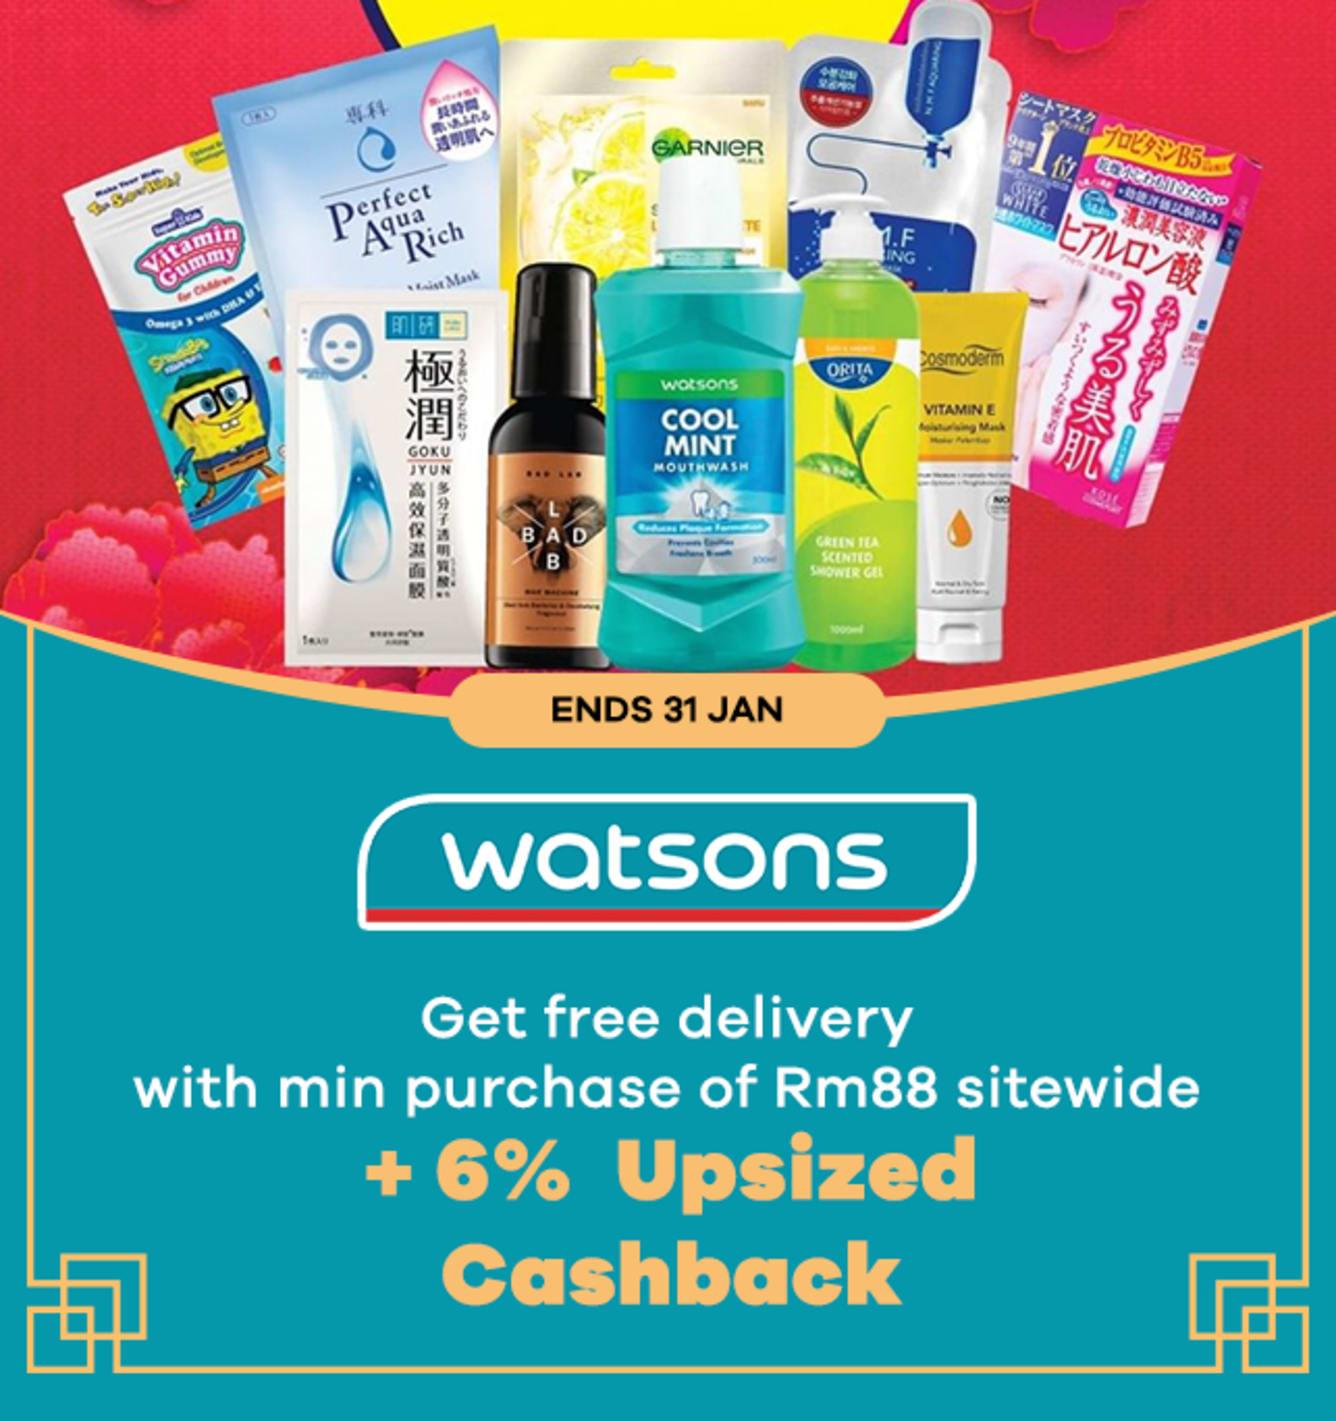 Watsons 6% Upsized Cashback